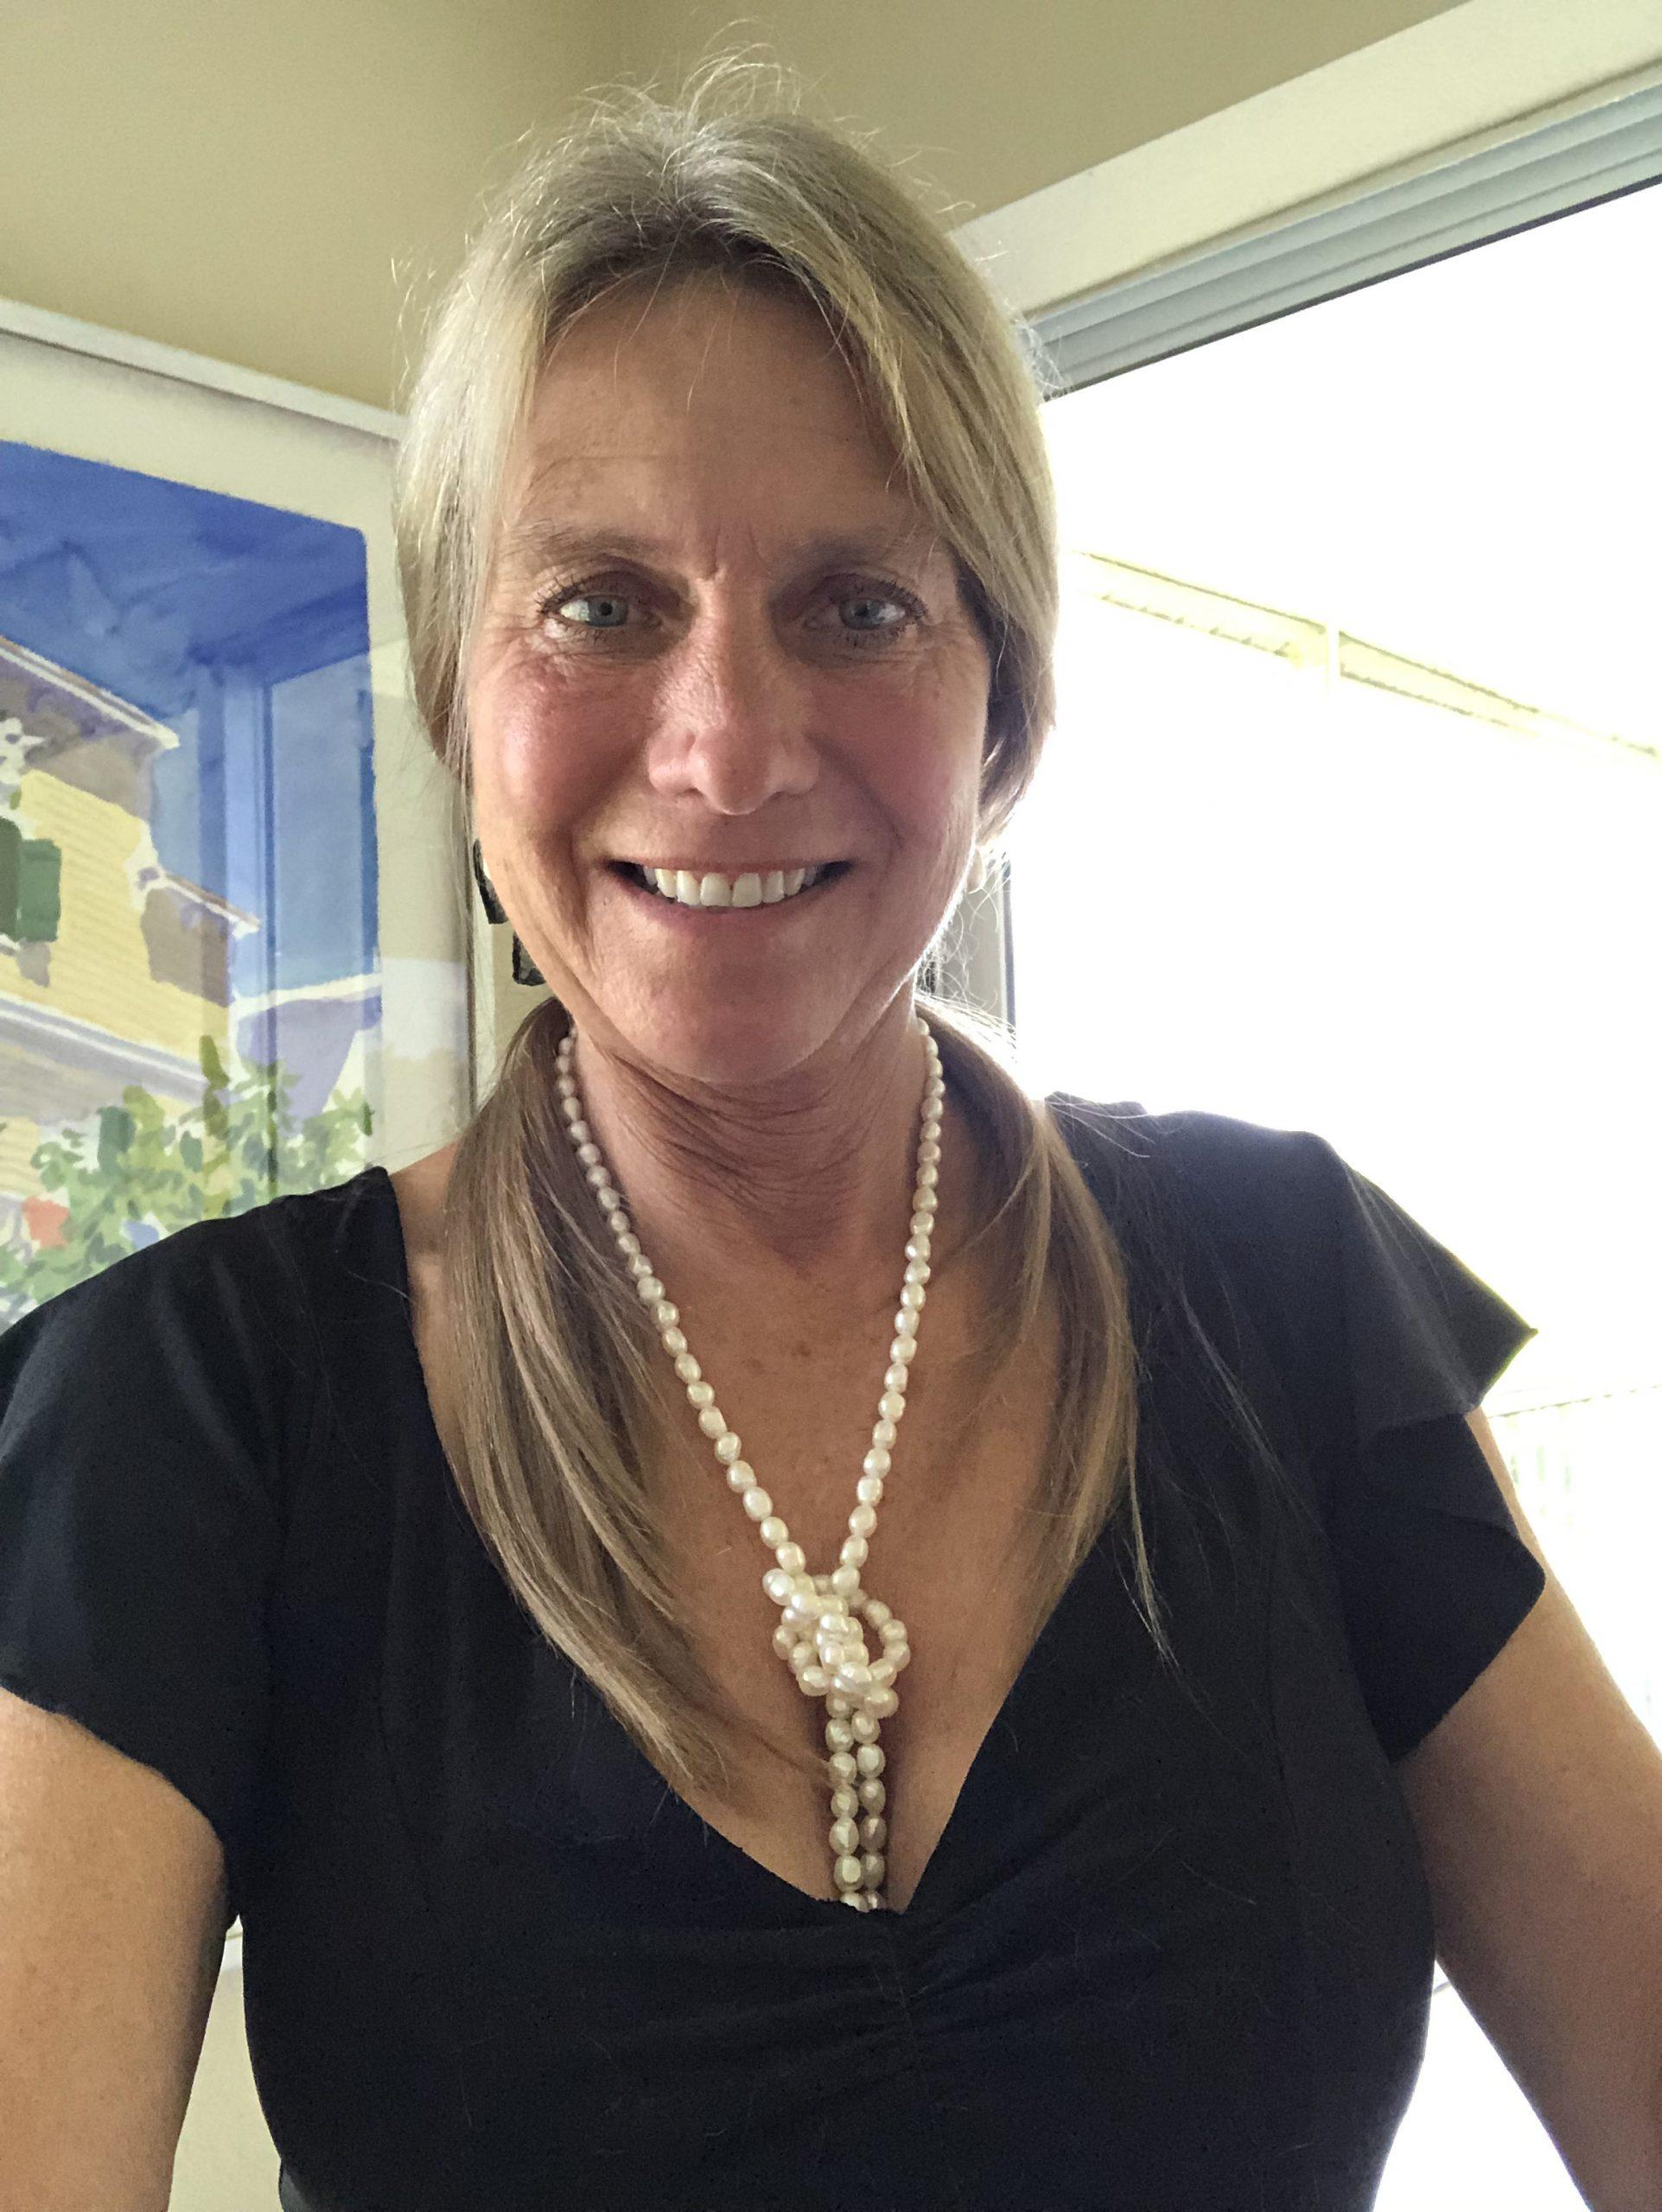 Michelle Malsbury